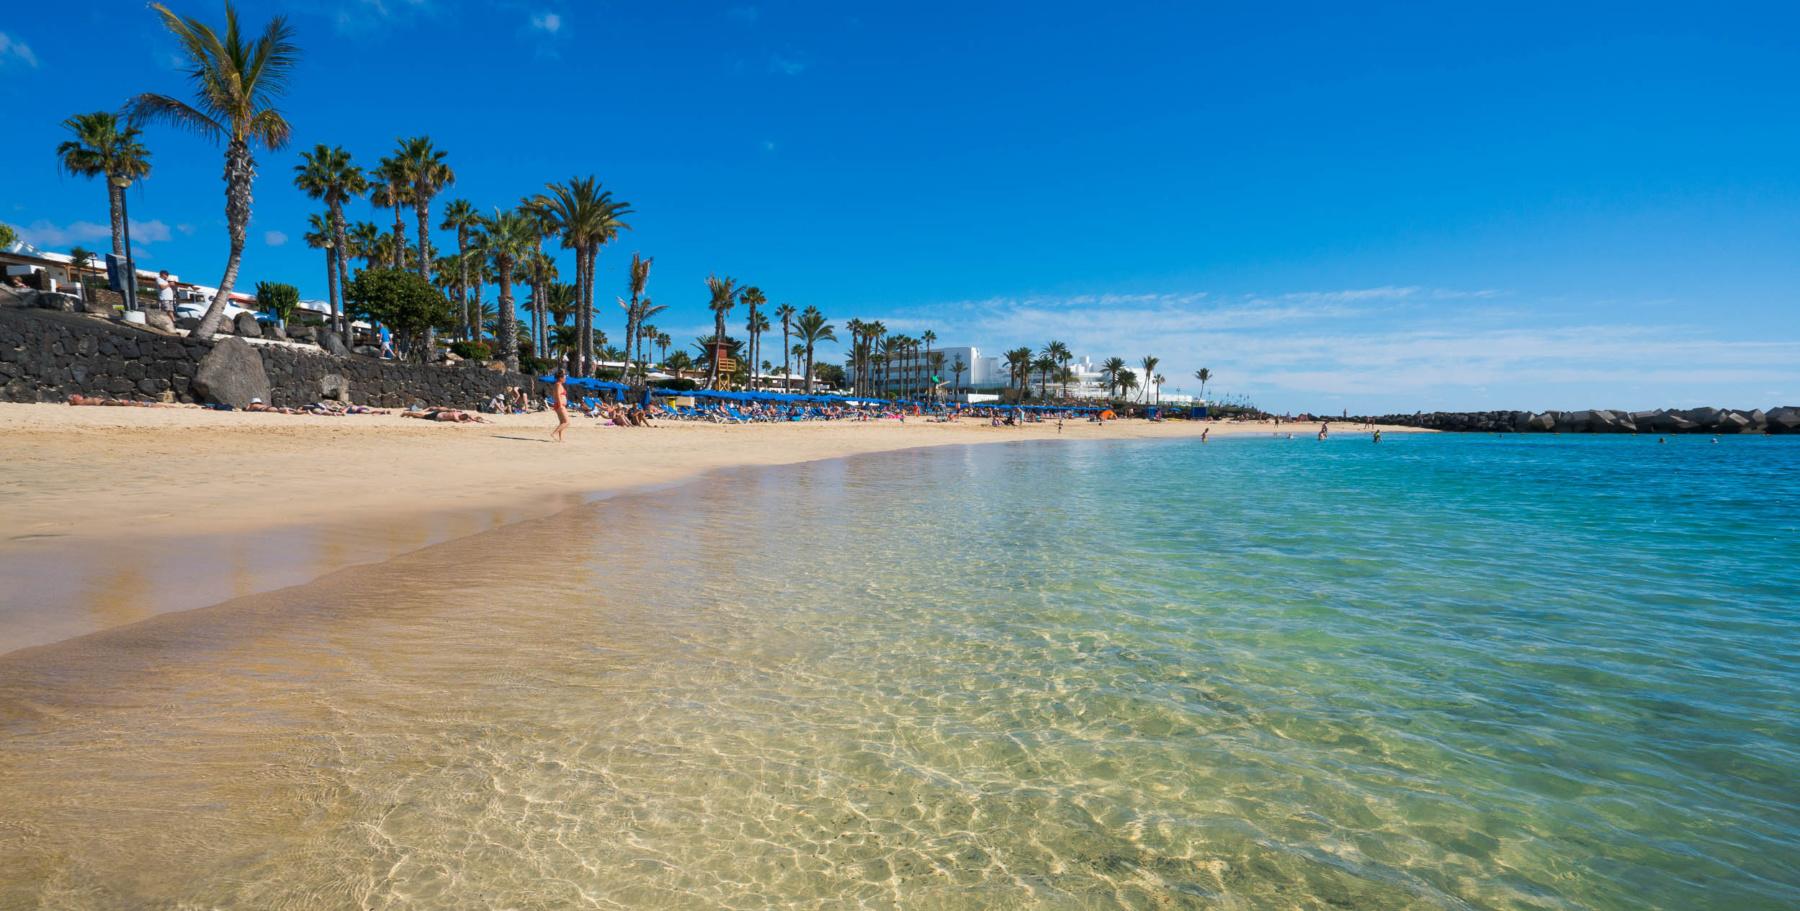 Turismo Lanzarote lanza una campaña focalizada en el mercado canario tras la reanudación de numerosos vuelos interinsulares